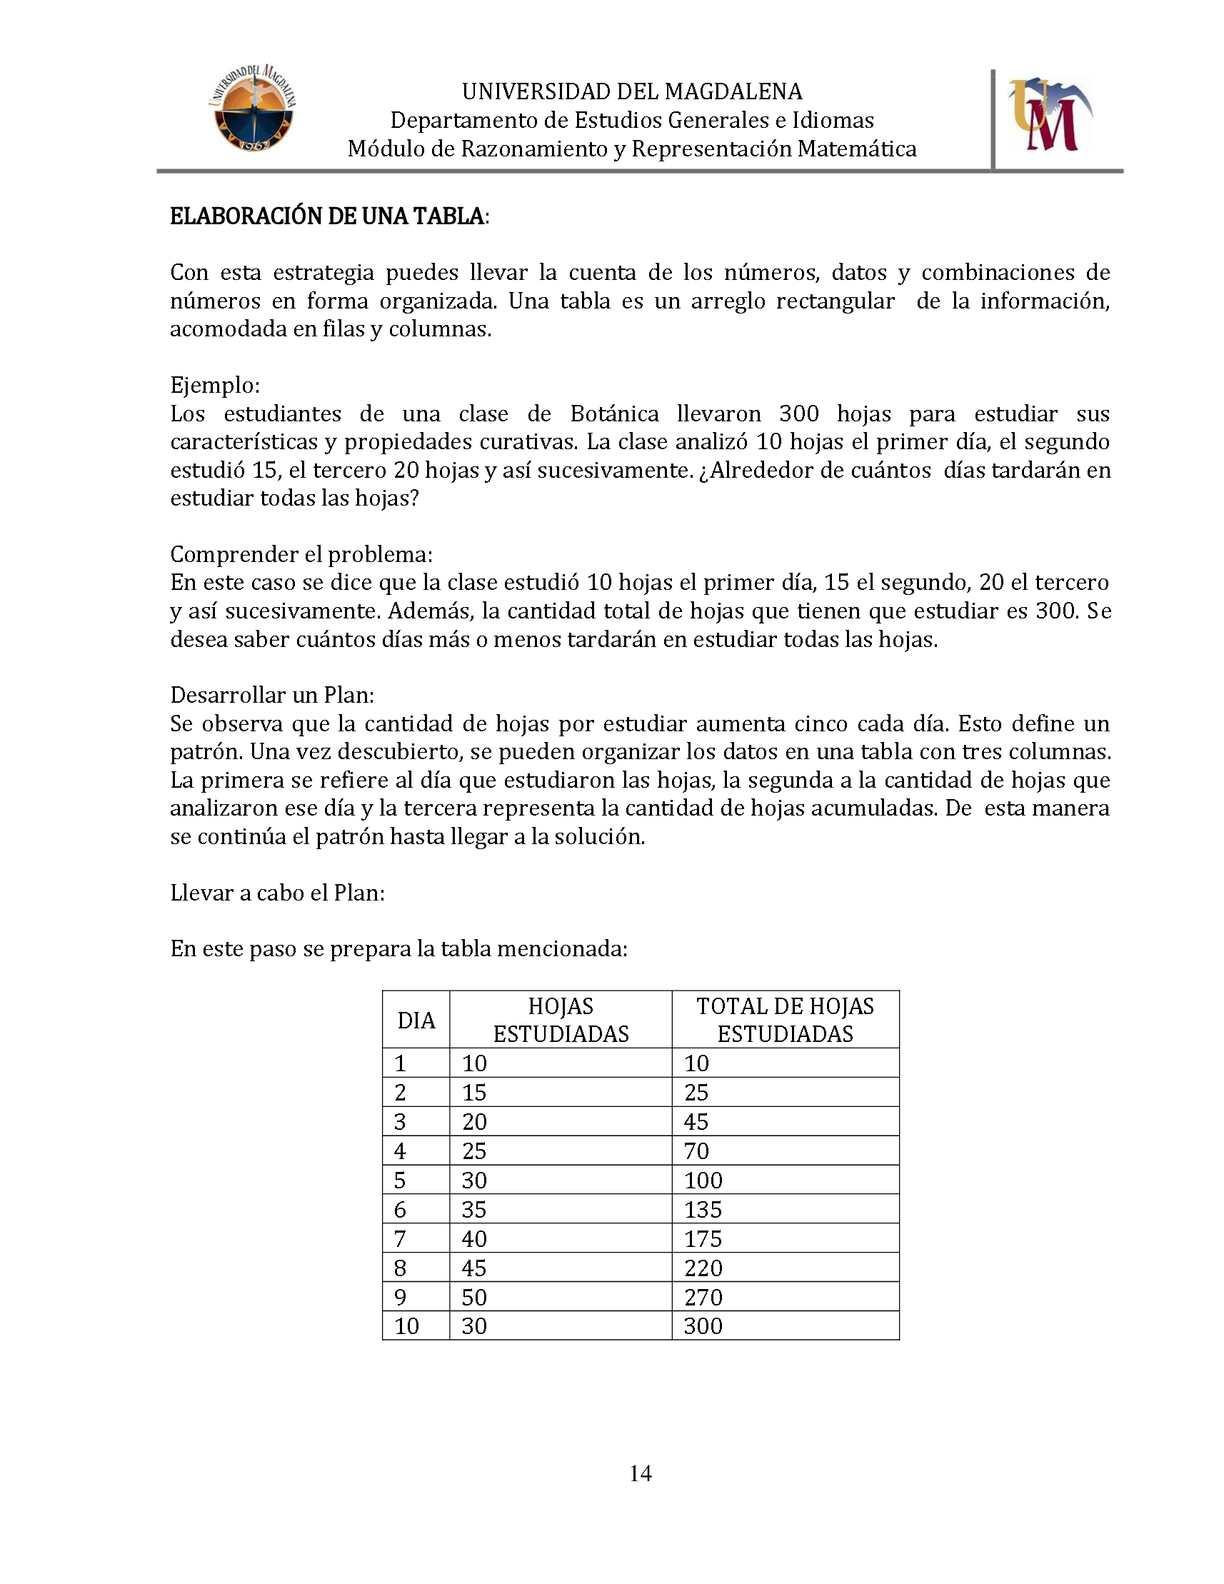 Modulo de Razonamiento y Reprtesentación Matemáica - CALAMEO Downloader